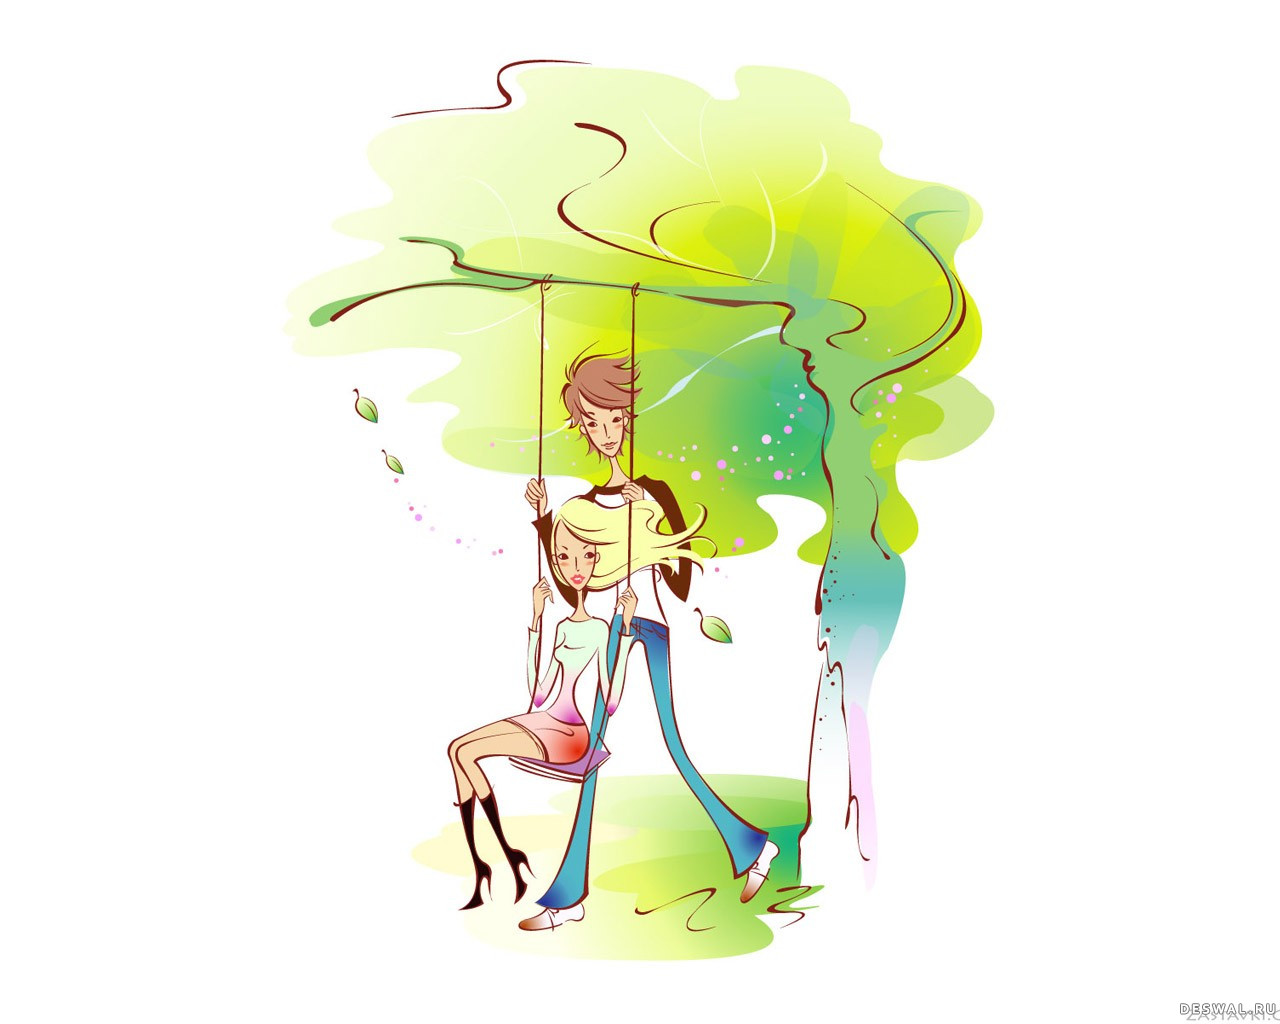 Фото 9. Нажмите на картинку с романтическими обоями - любовь, чтобы просмотреть ее в реальном размере